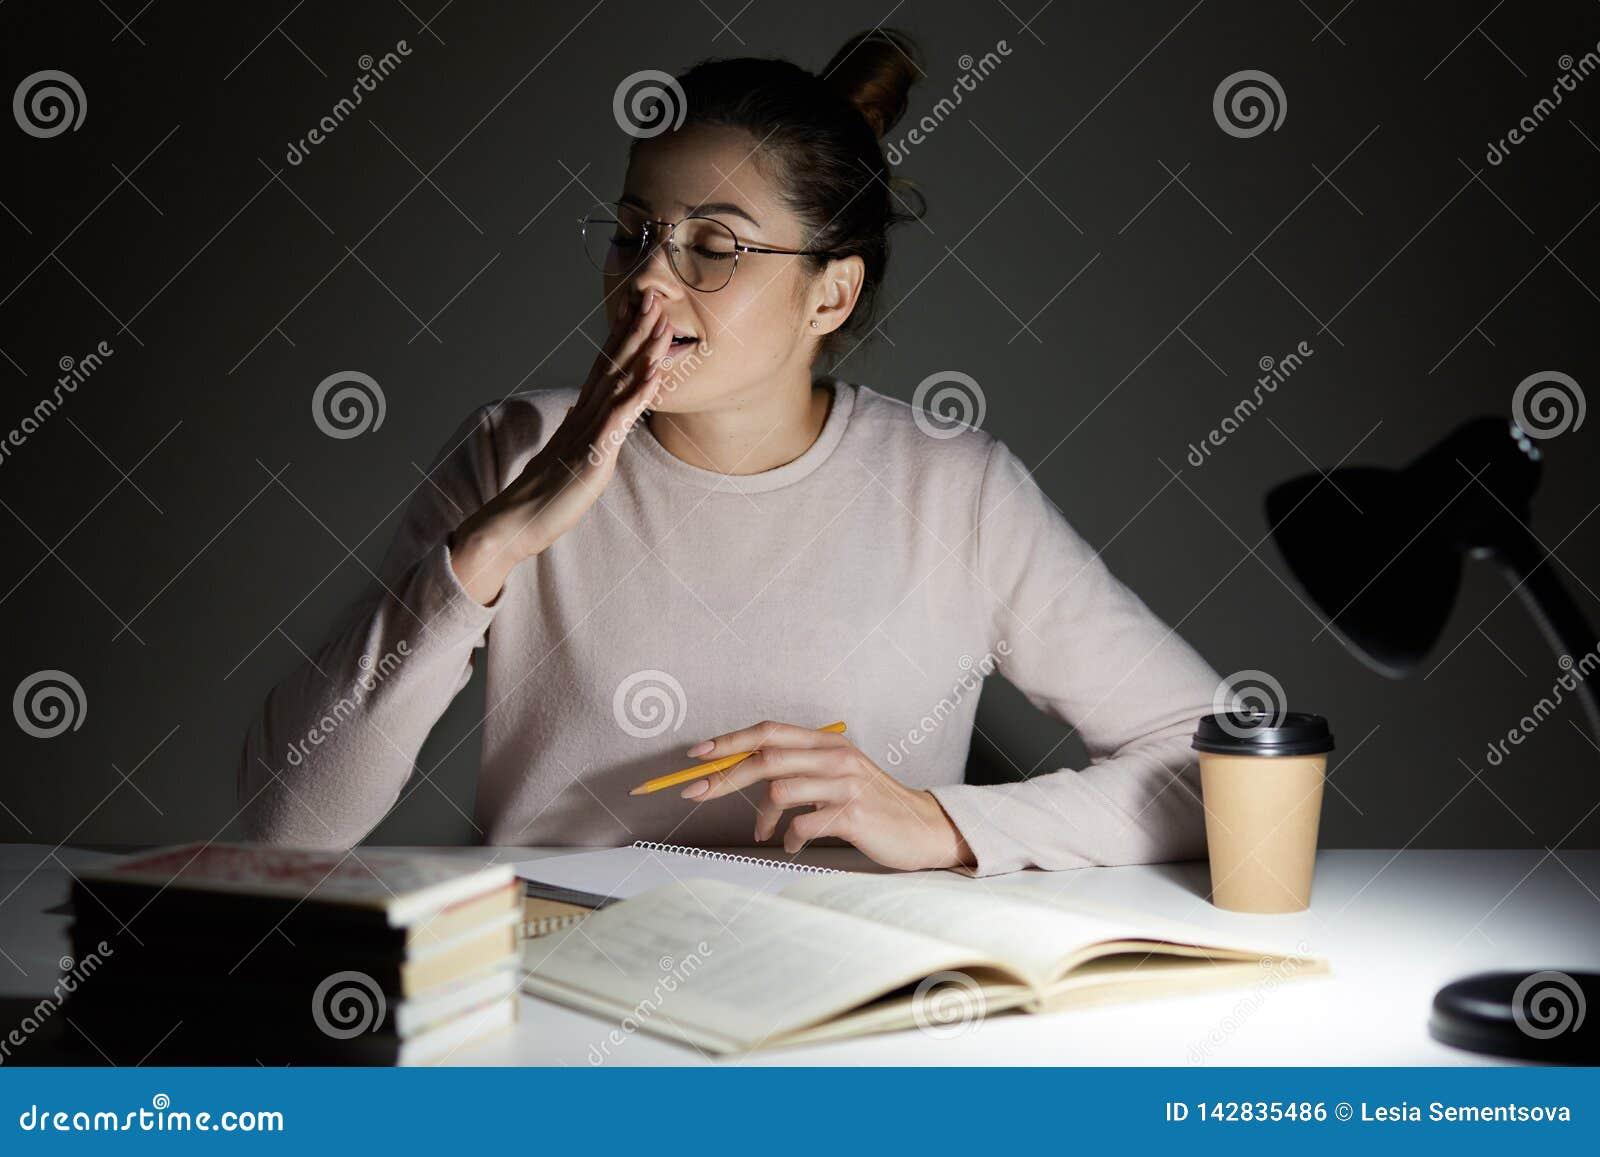 Bild des attraktiven seepy Studentengegähnes mit geschlossenen Augen, sitzt am Desktop beim Vorbereiten für Klassen, Arbeitsübers